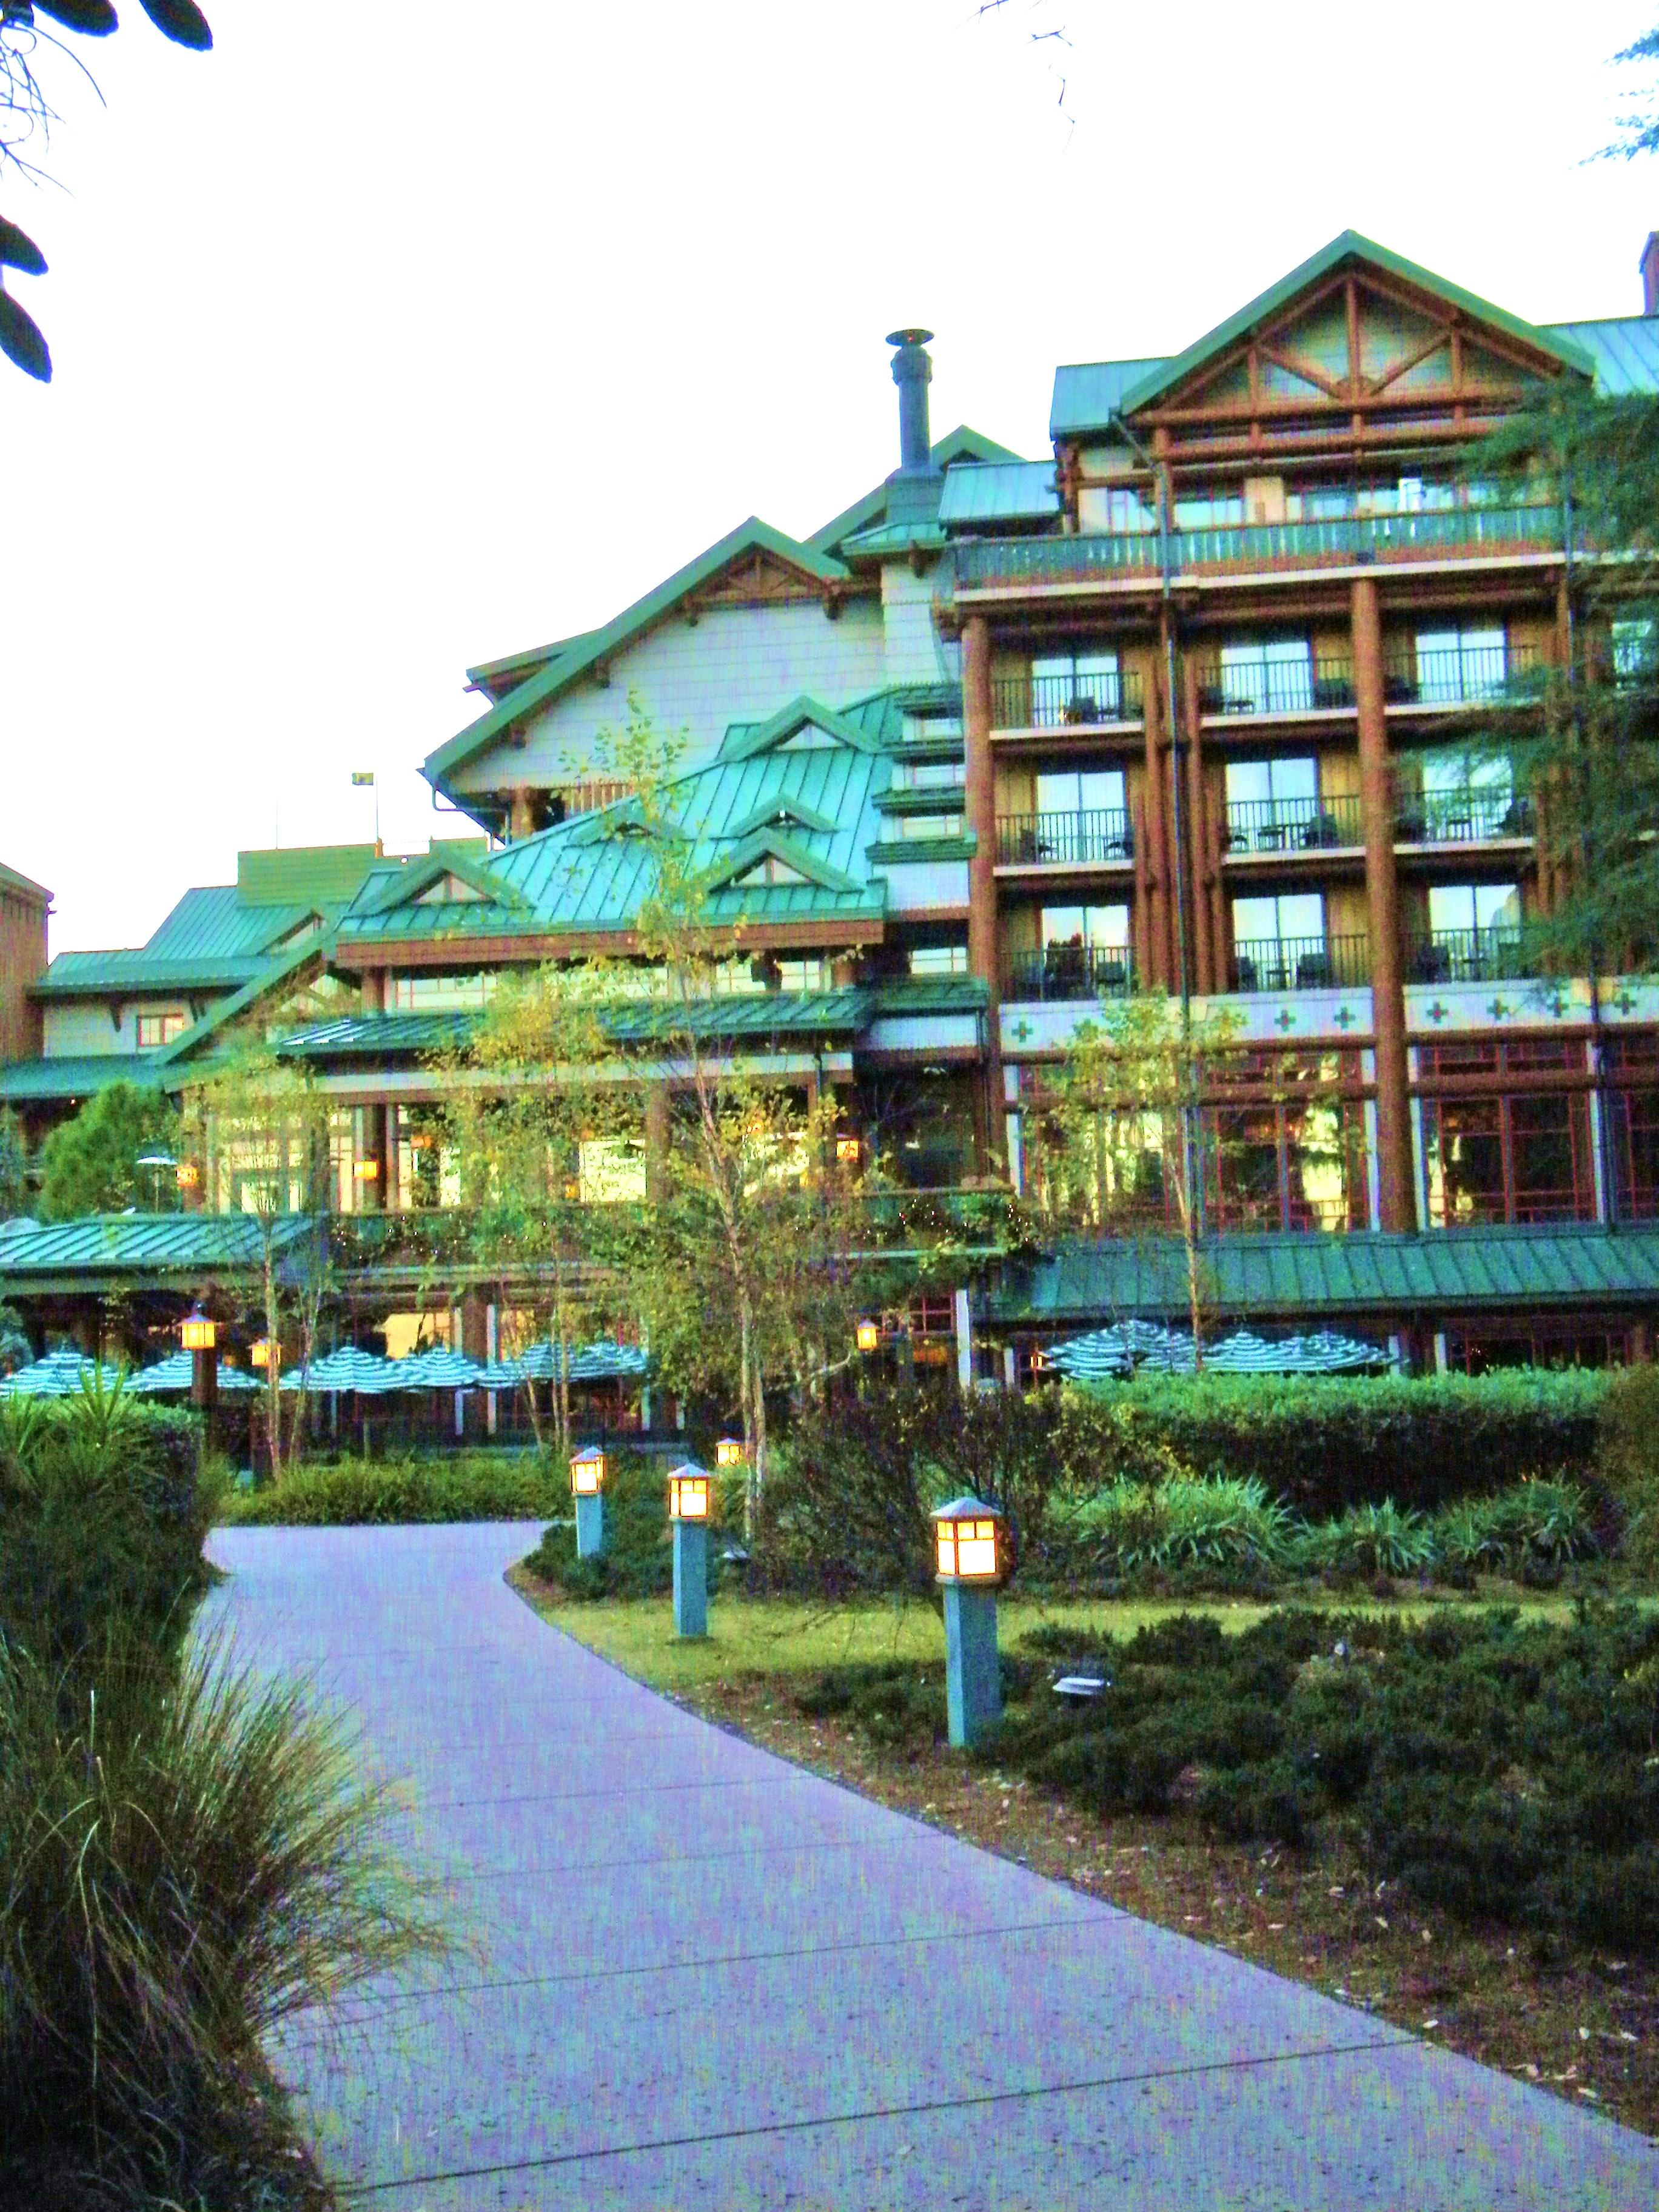 Wilderness lodge outside  wilderness lodge waterfall  wilderness lodge  building  Disney s Lodge. Wilderness Lodge   Mouze Kateerz